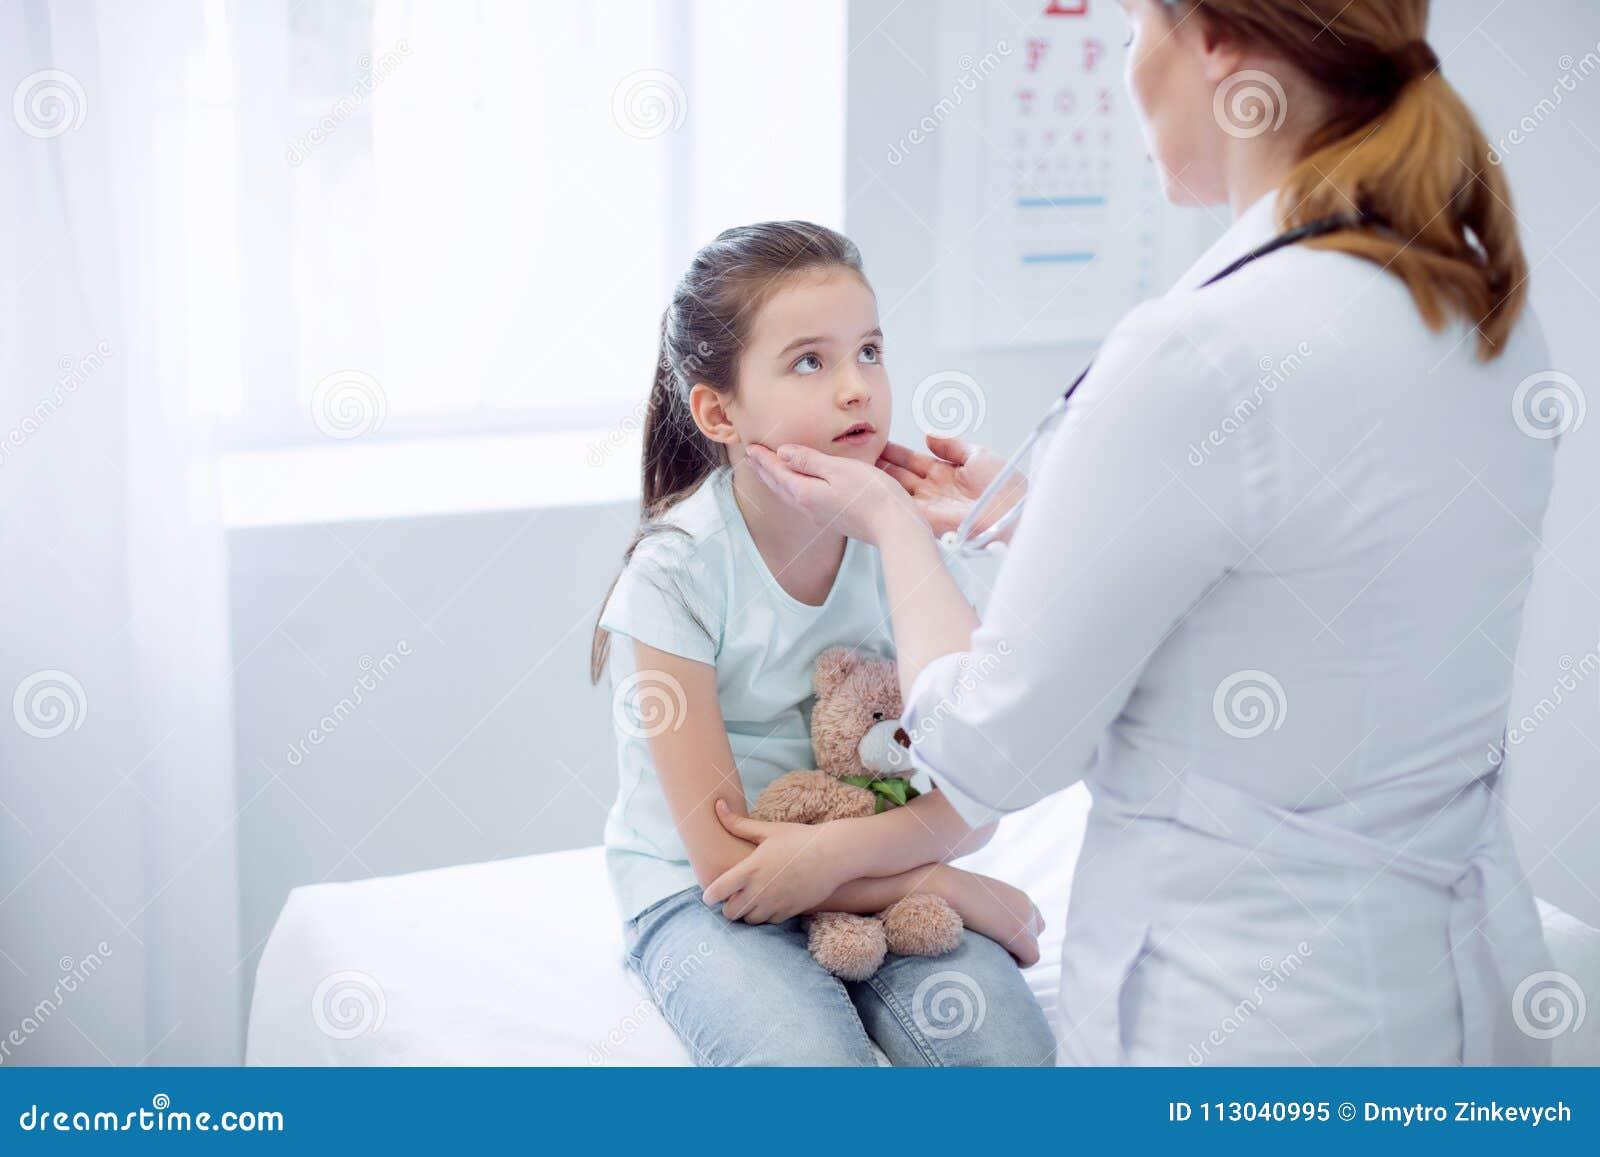 Female doctor checking upset girls tonsils